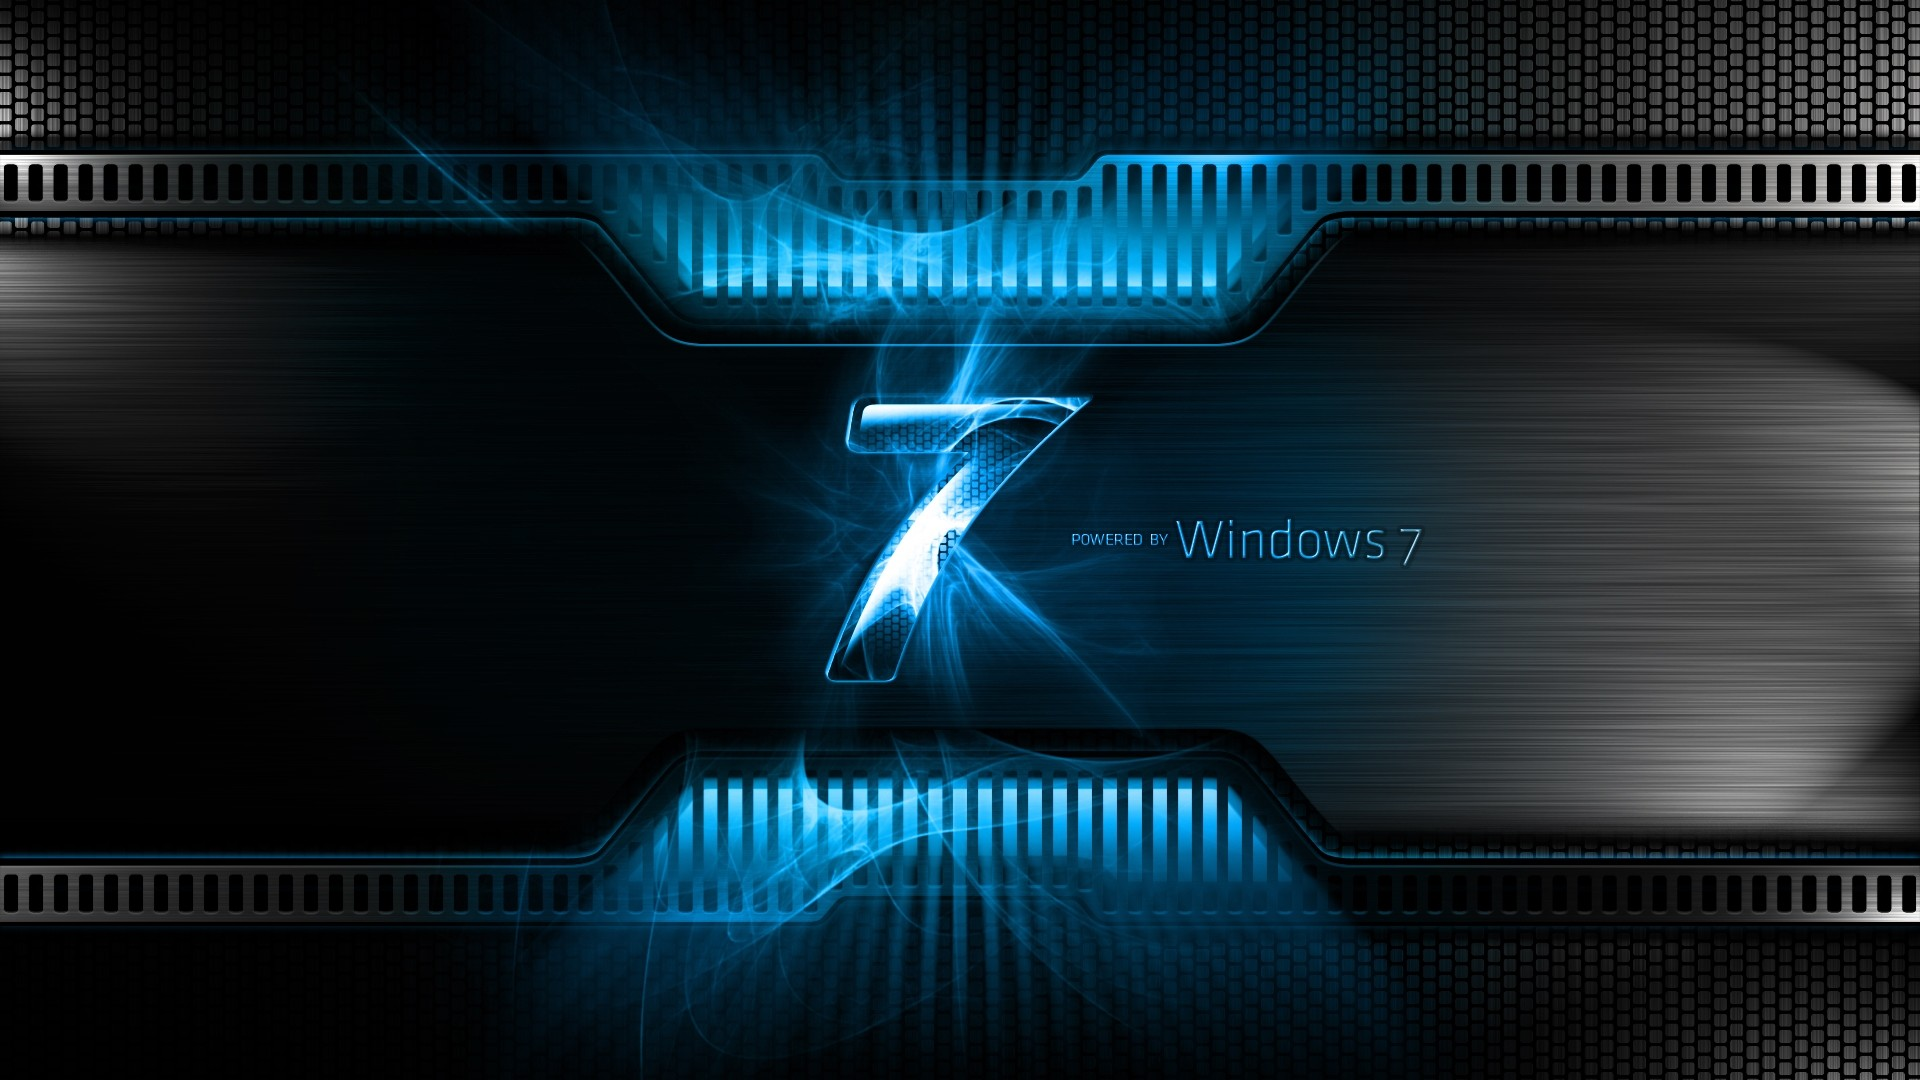 … windows 7, blue, black